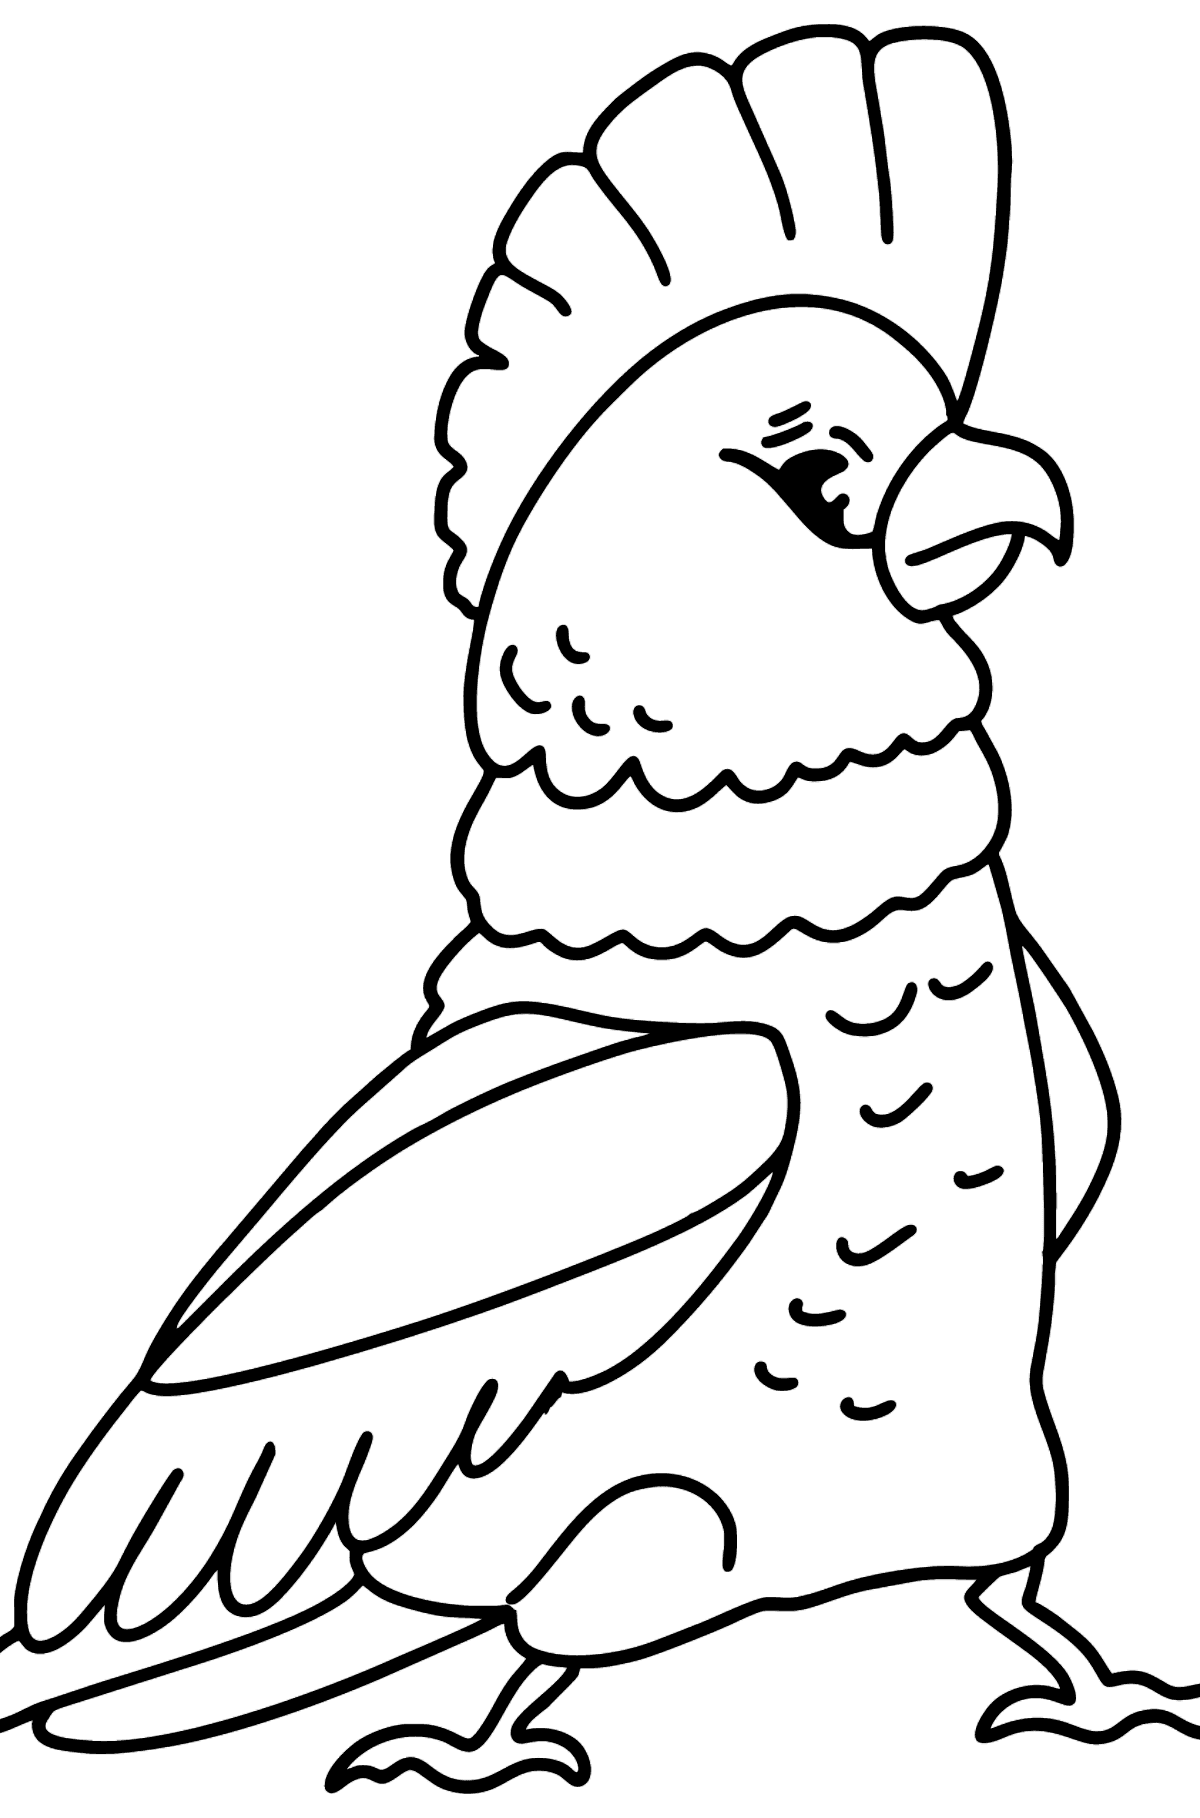 Раскраска какаду - Картинки для Детей